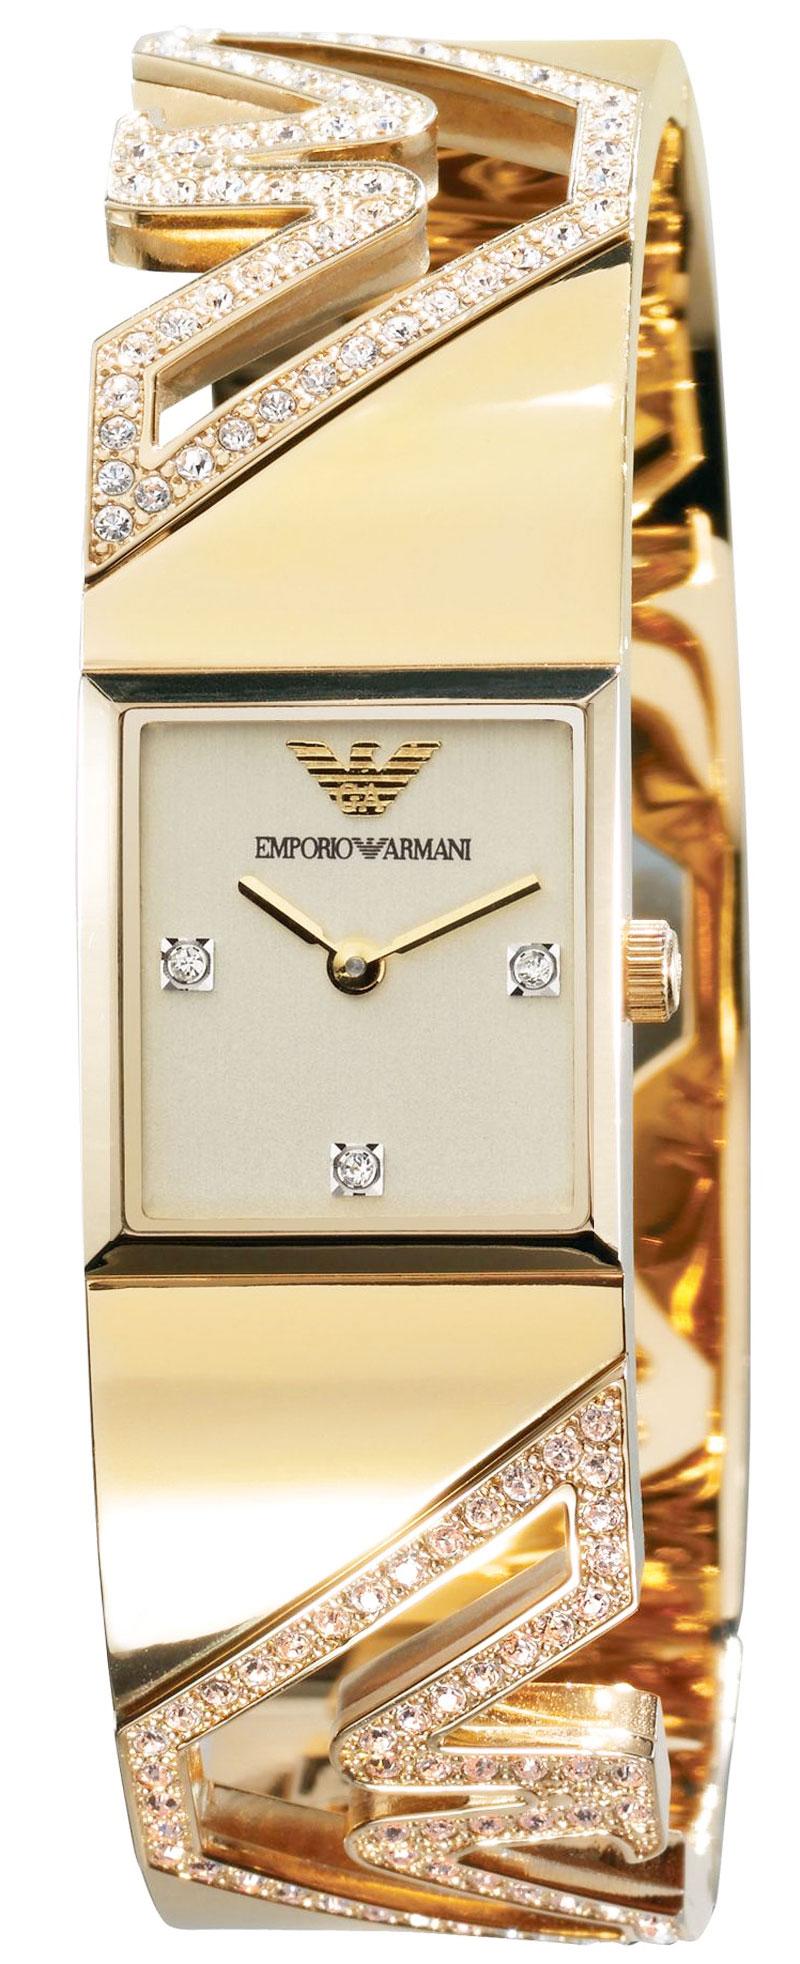 Emporio Armani Diamond Watch